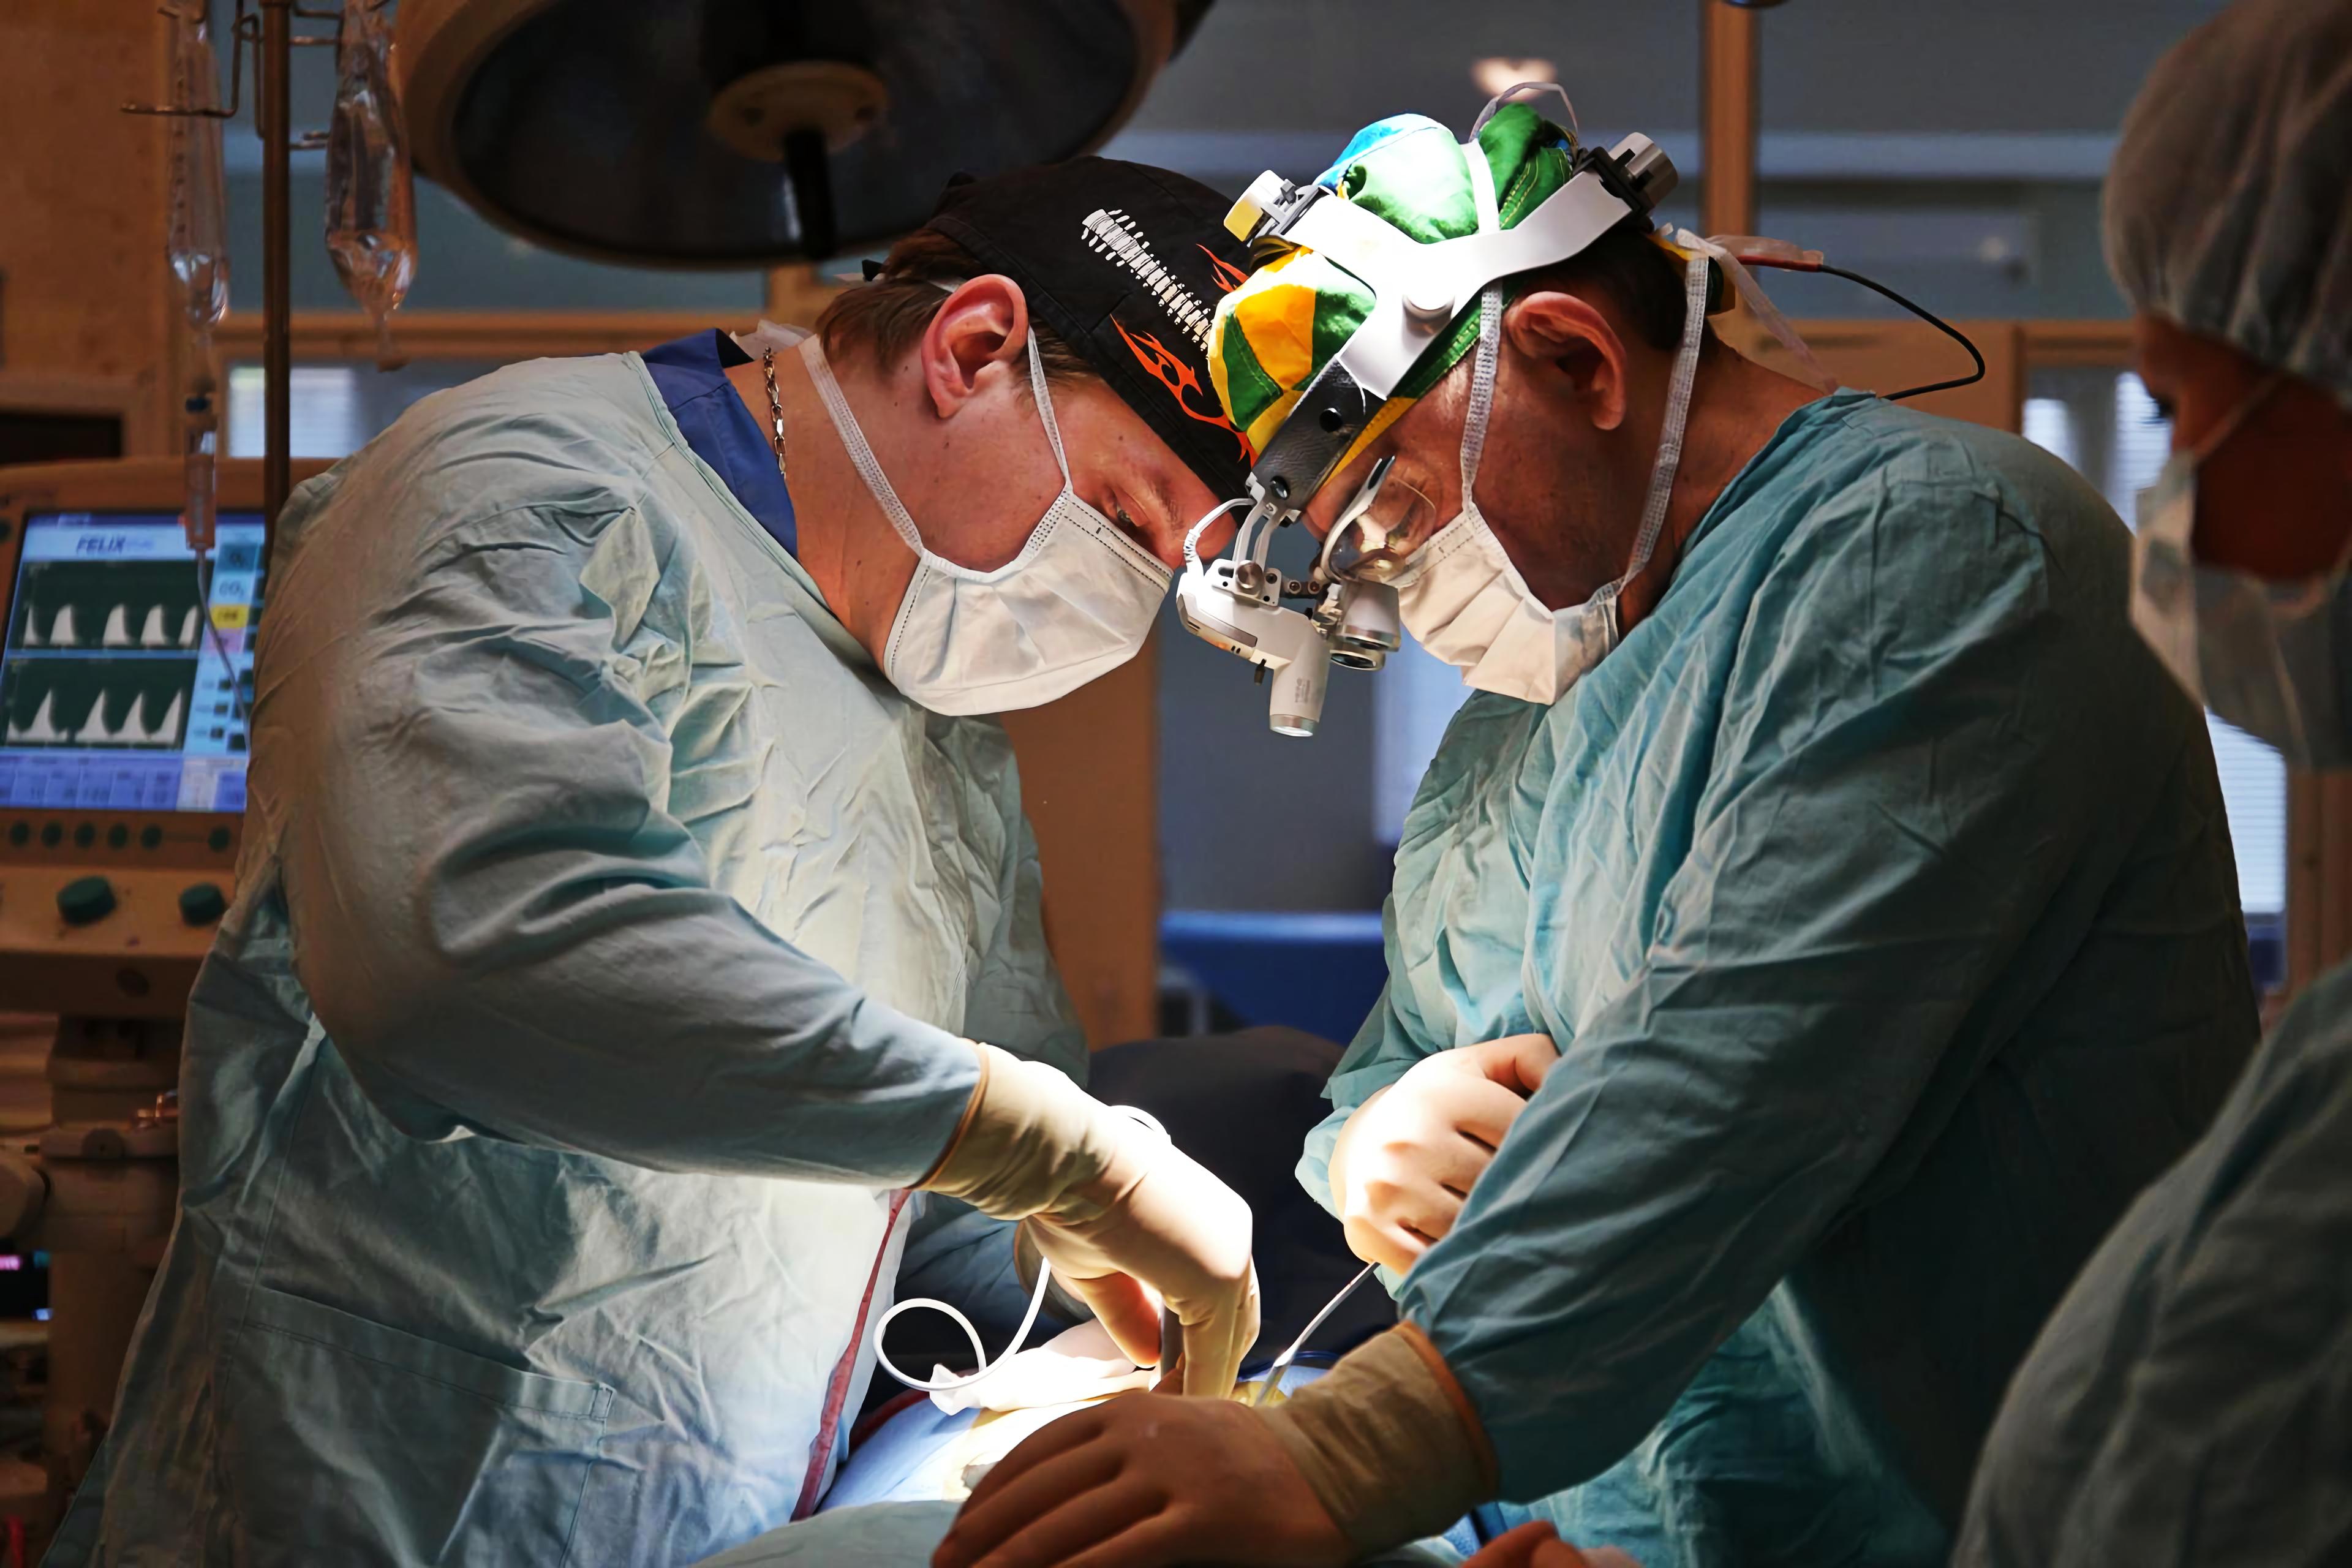 В клинике Ихилов малоинвазивная гистерэктомия выполняется с применением современного оборудования врачами с мировым именем